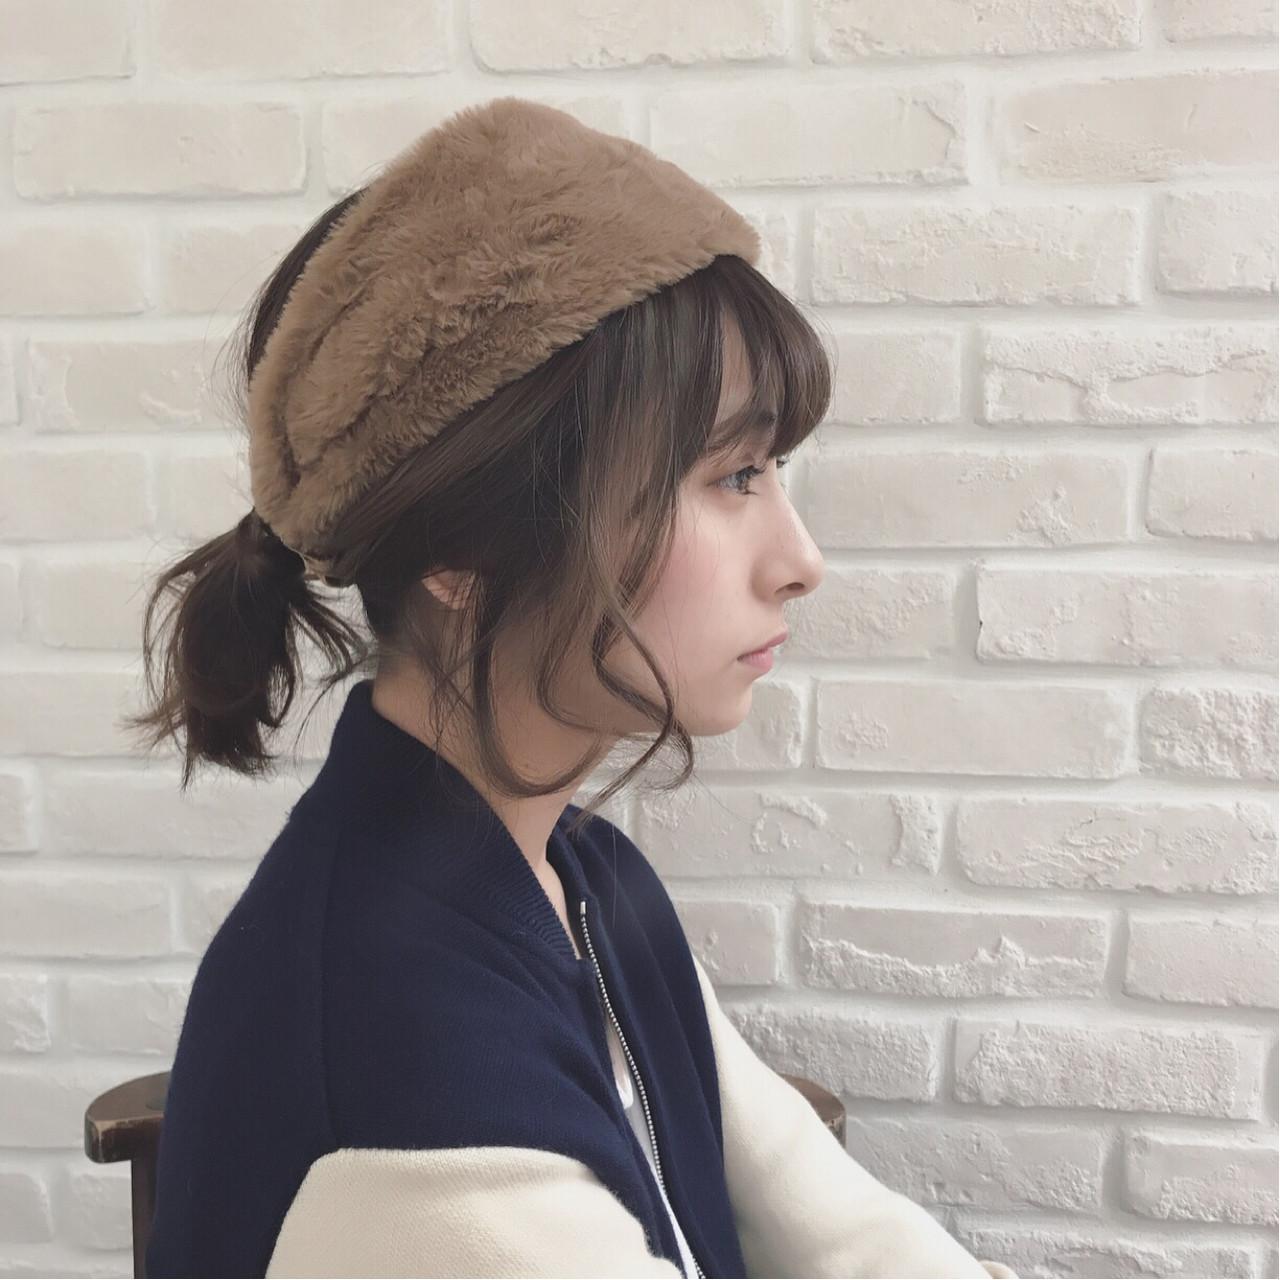 愛されヘアに変身♡黒髪のトレンド髪型を《年代別&シーン別》に紹介の9枚目の画像